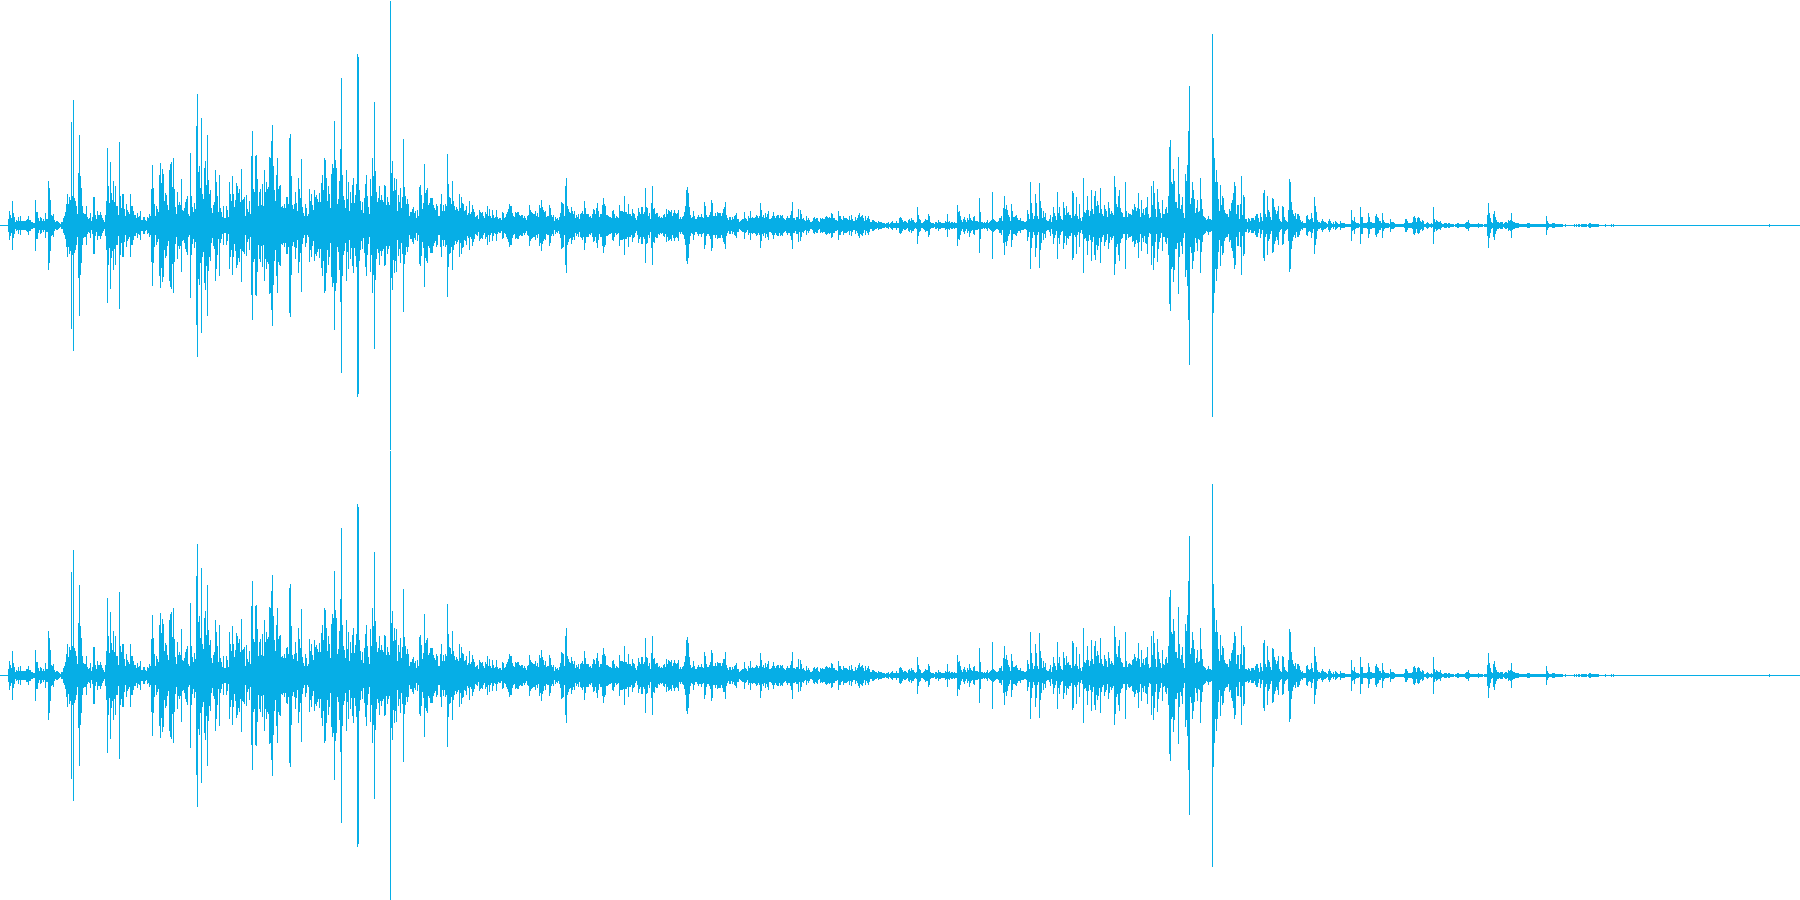 【生音】ドボドボドボドボ。鍋に水入れる音の再生済みの波形